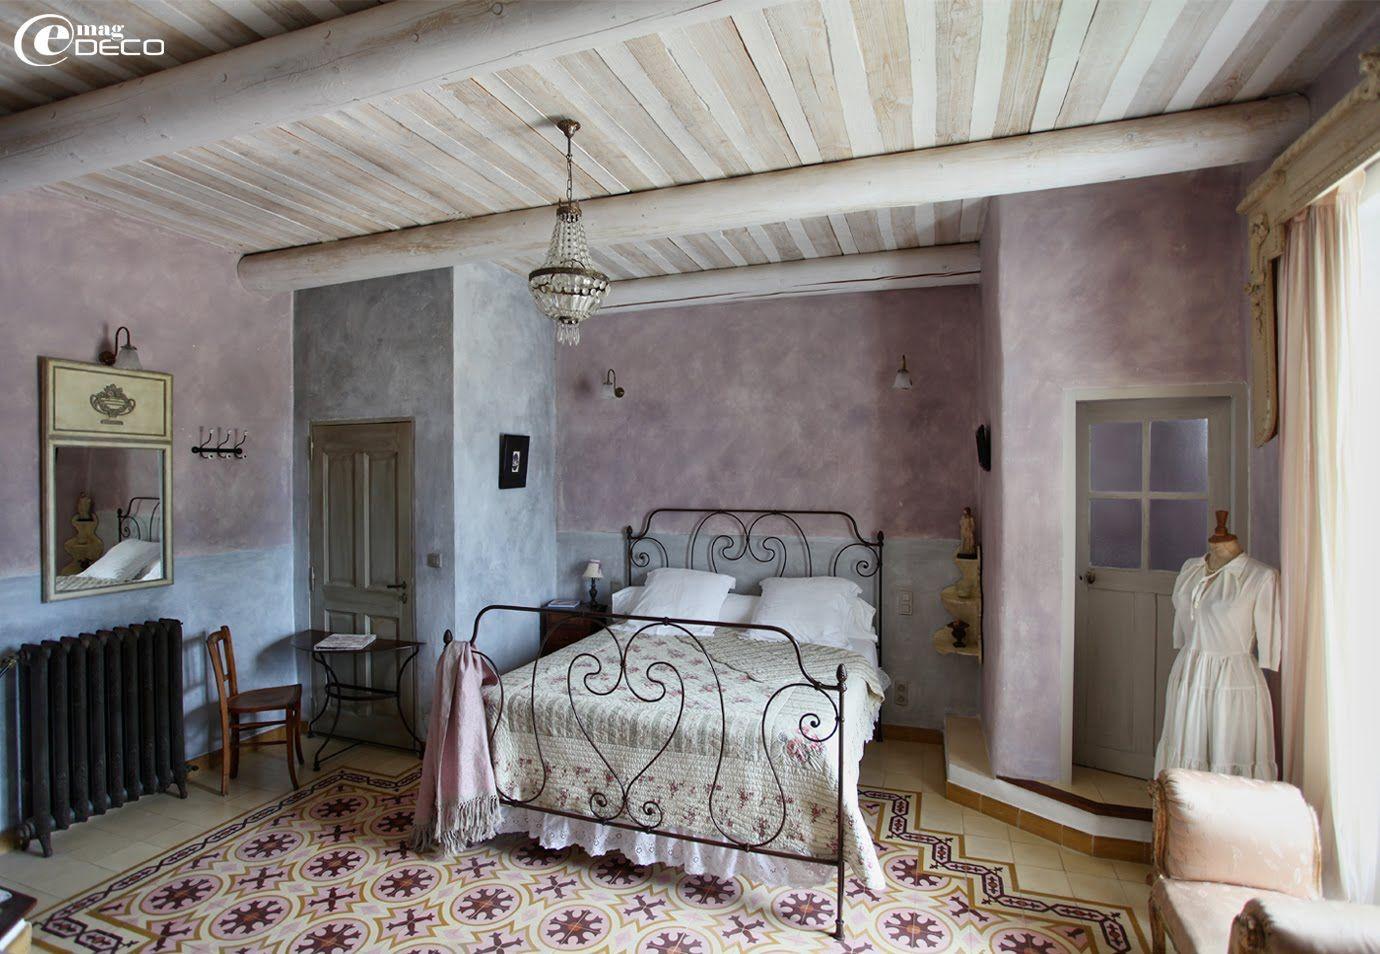 une chambre de la maison d 39 h tes justin de provence dans le vaucluse plafonds fournis par les. Black Bedroom Furniture Sets. Home Design Ideas